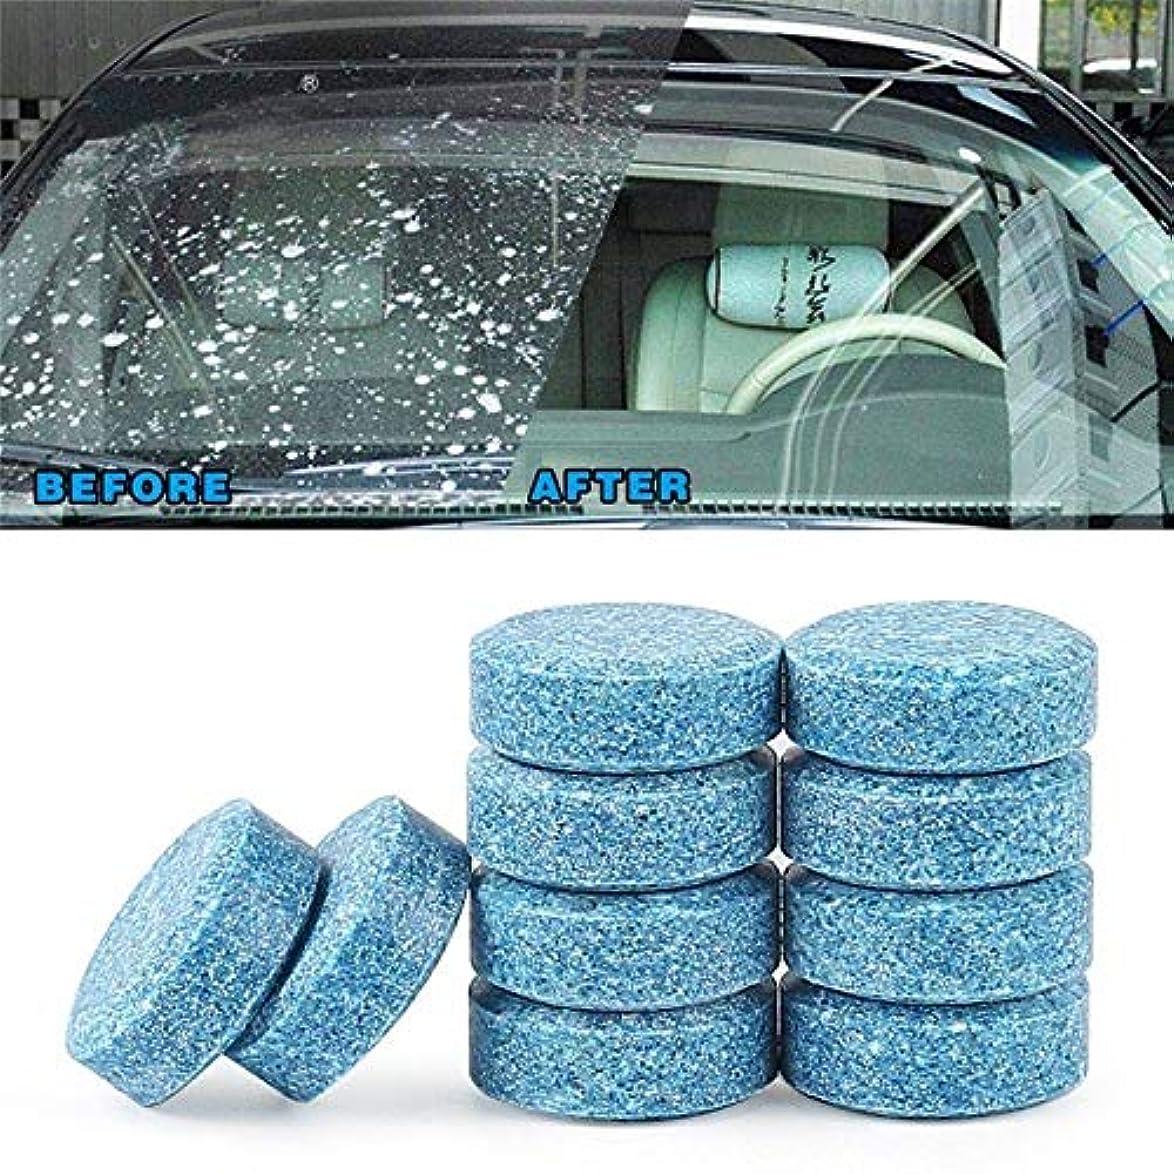 構想するワンダー事10 PC車のフロントガラスクリーニング車の窓ガラスクリーナー車固体ワイパー罰金ワイパー車自動ウィンドウクリーニング